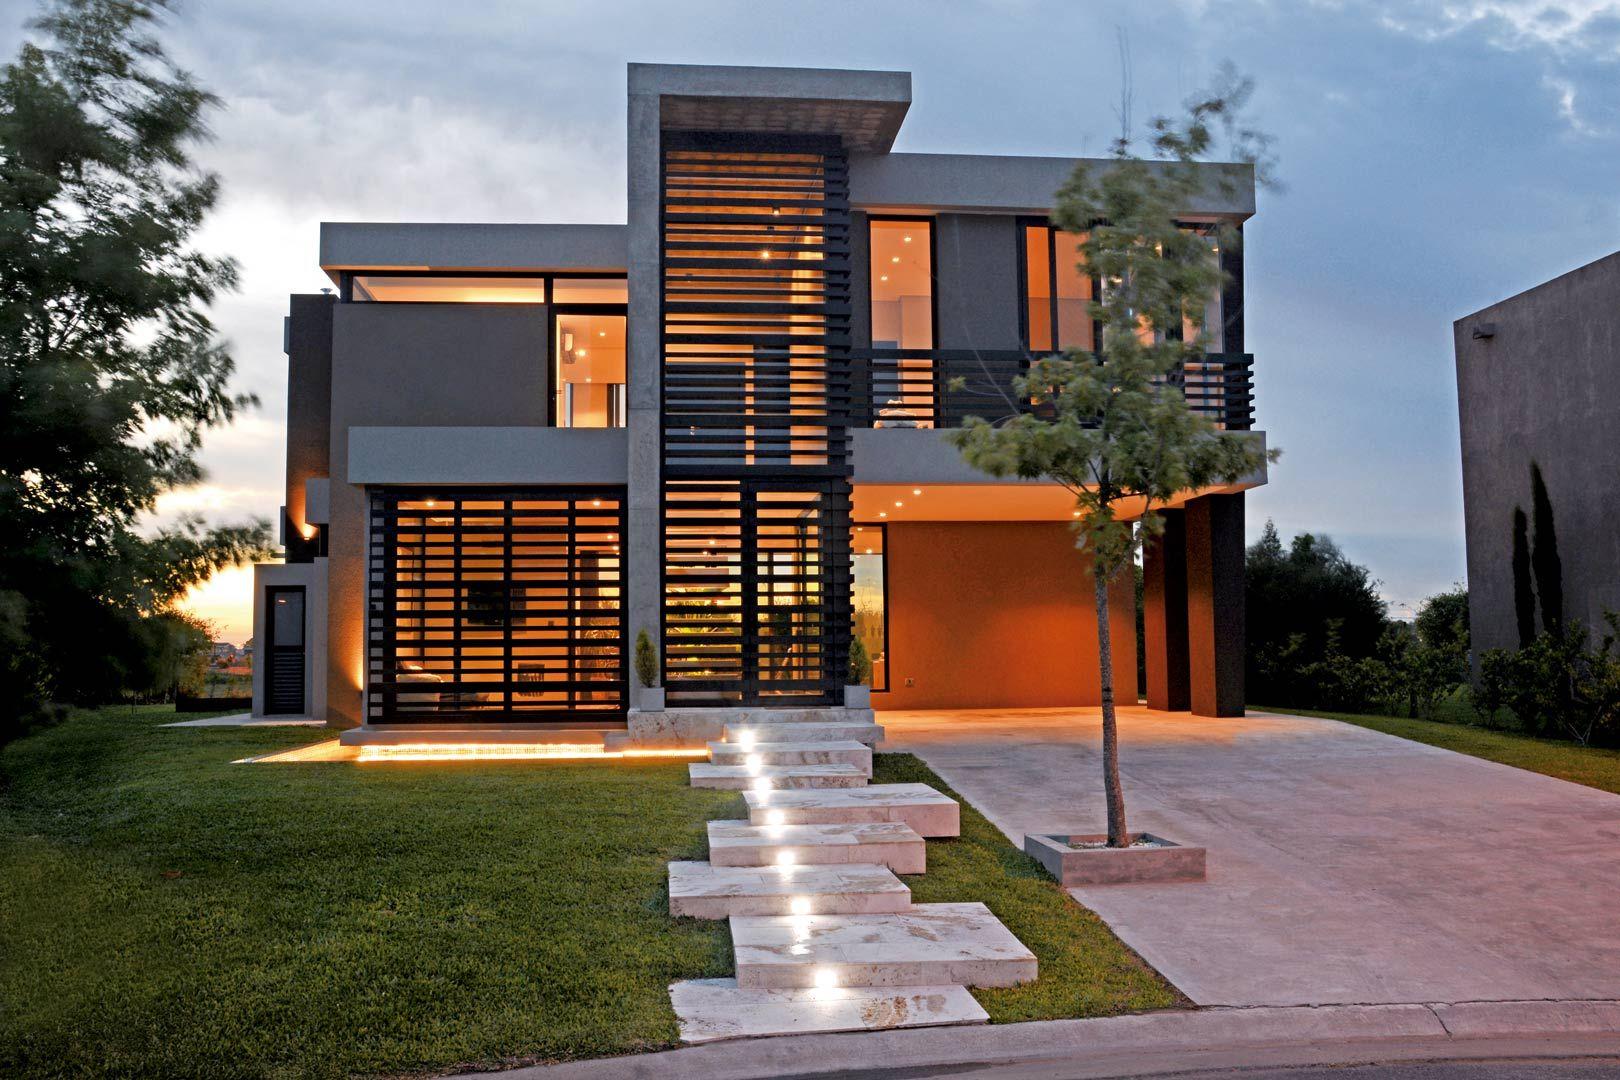 A r arquitectos sf house en 2019 pdf libros casas - Casas arquitectura moderna ...